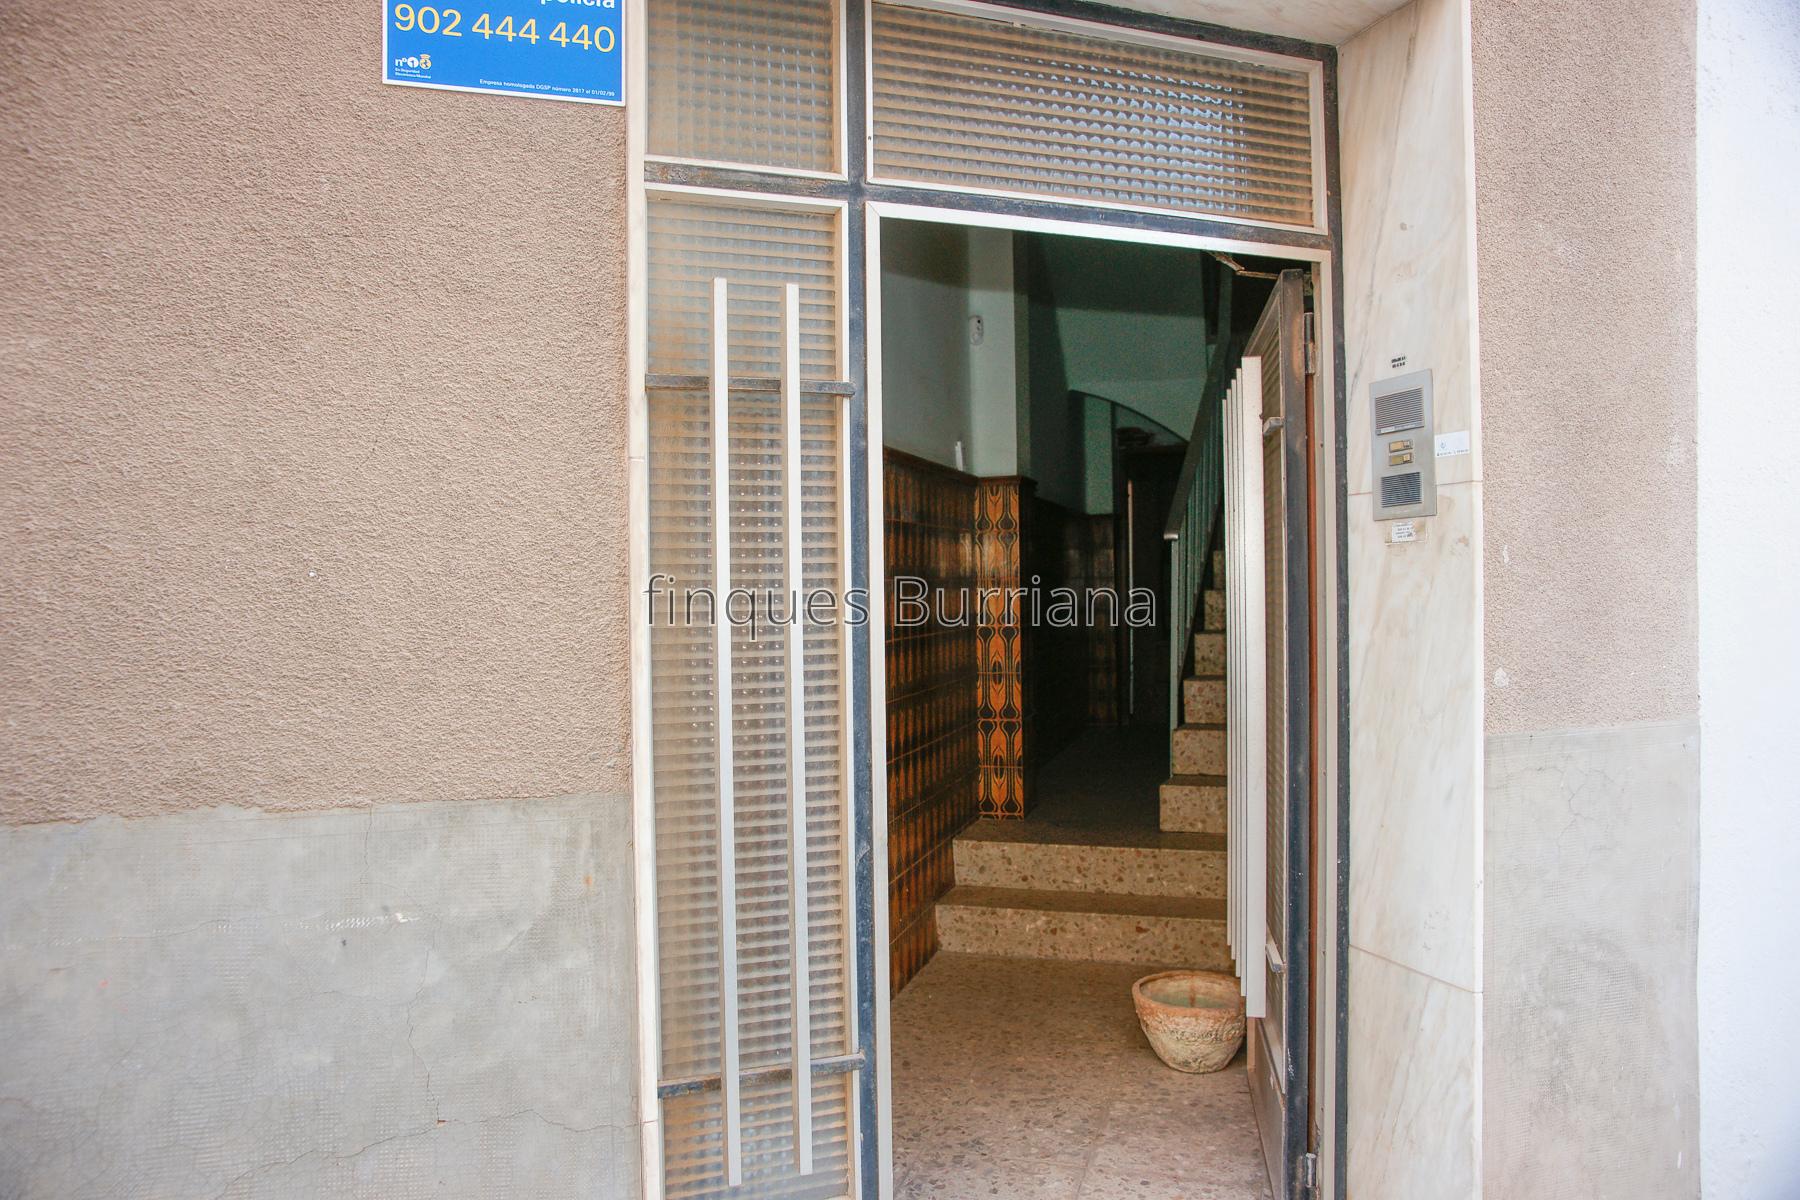 Casa en Venta en Burriana (Castellón) zona Llombai